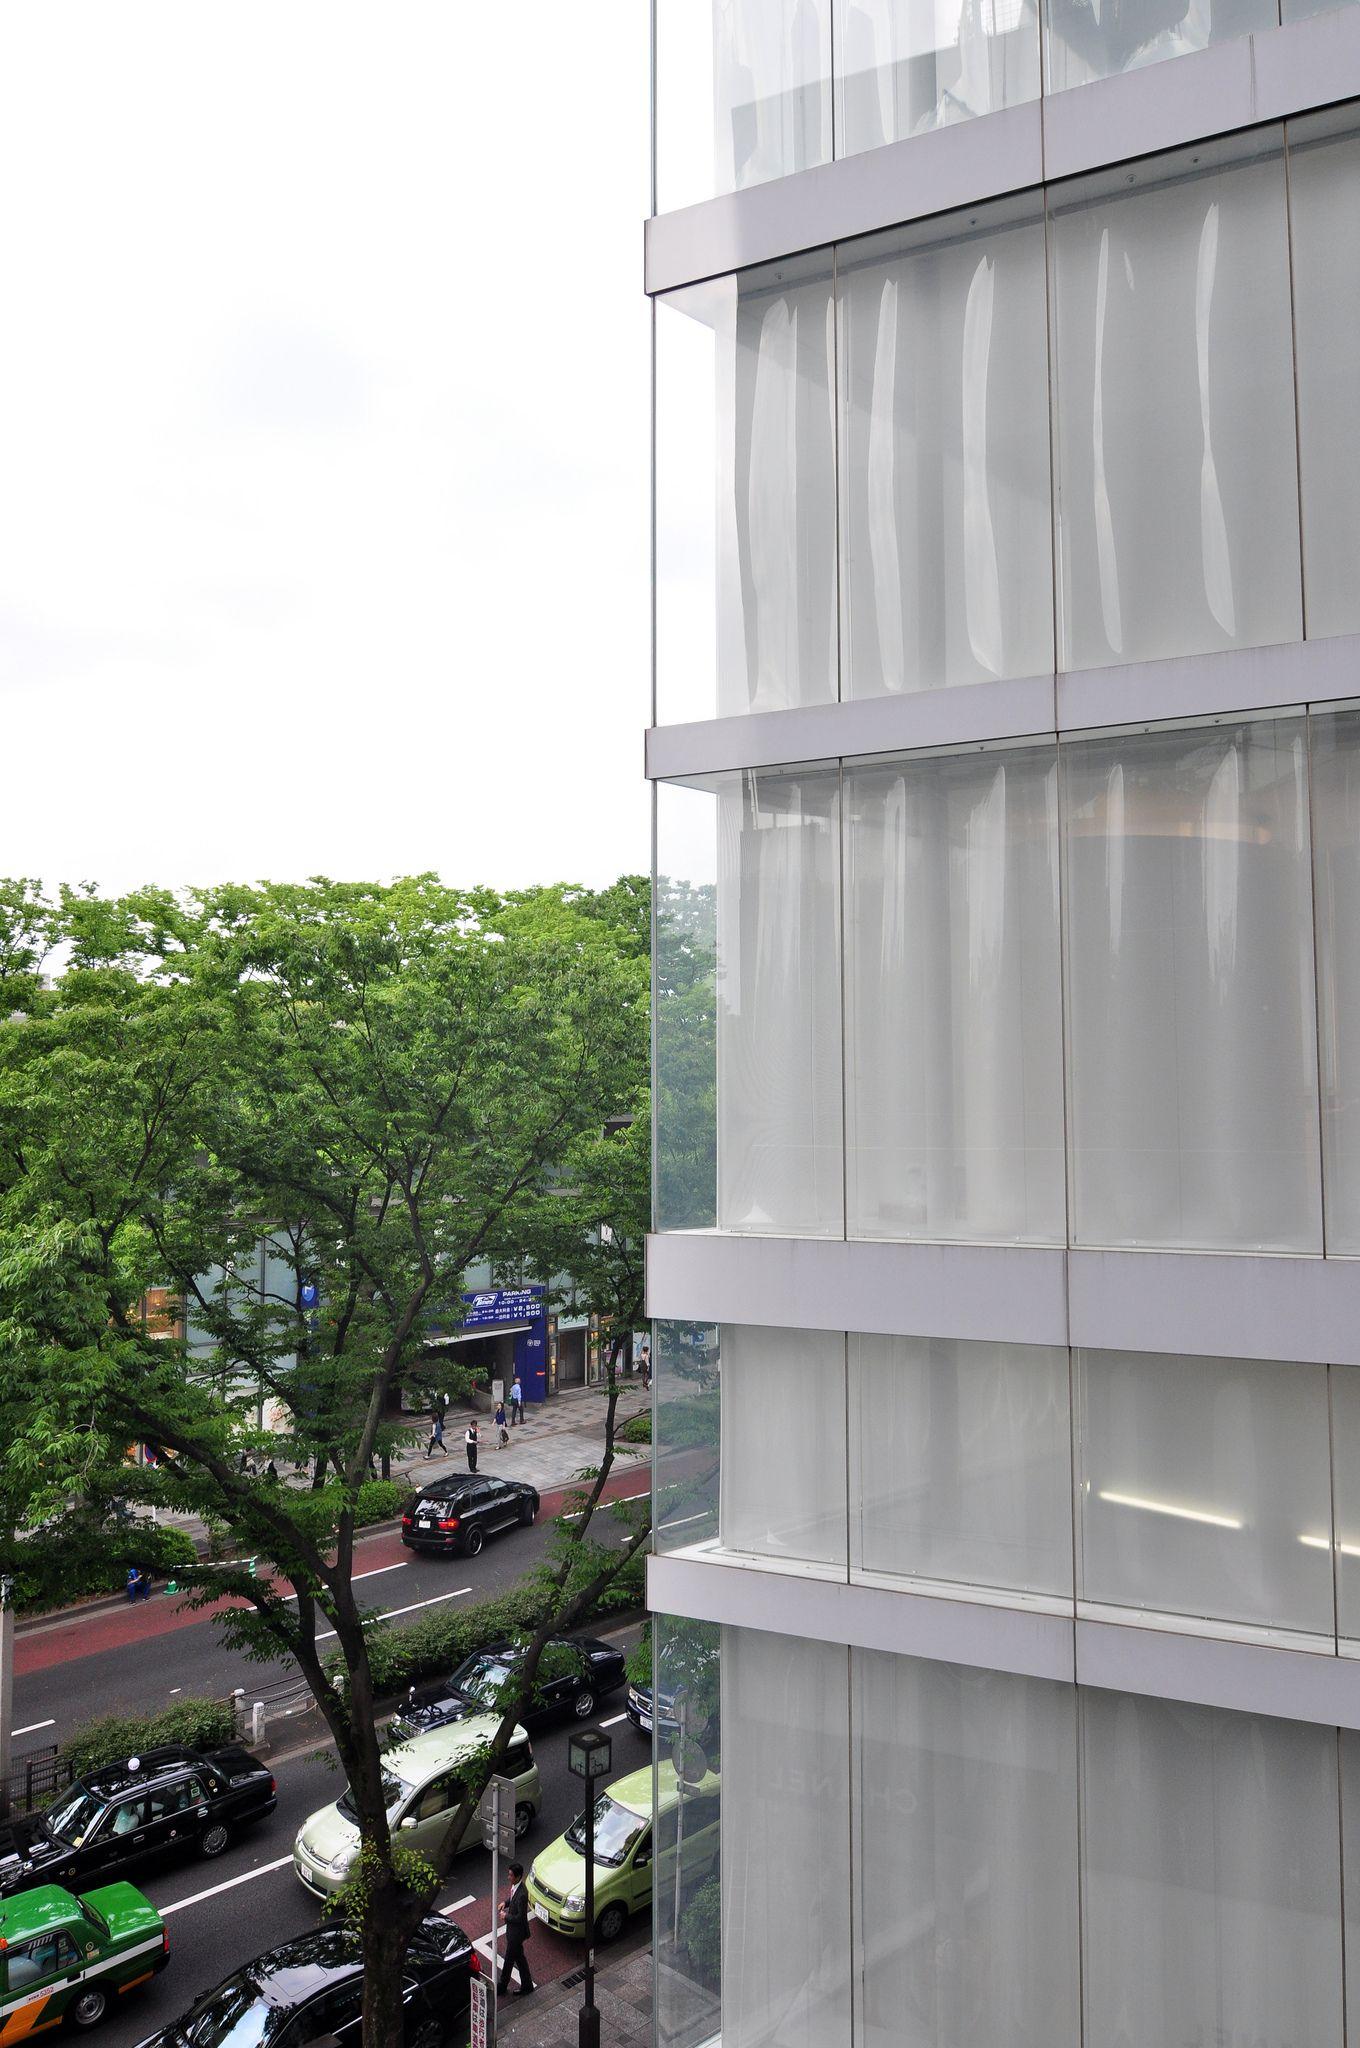 Dior sanaa tokyo refref pinterest - Architektur tokyo ...